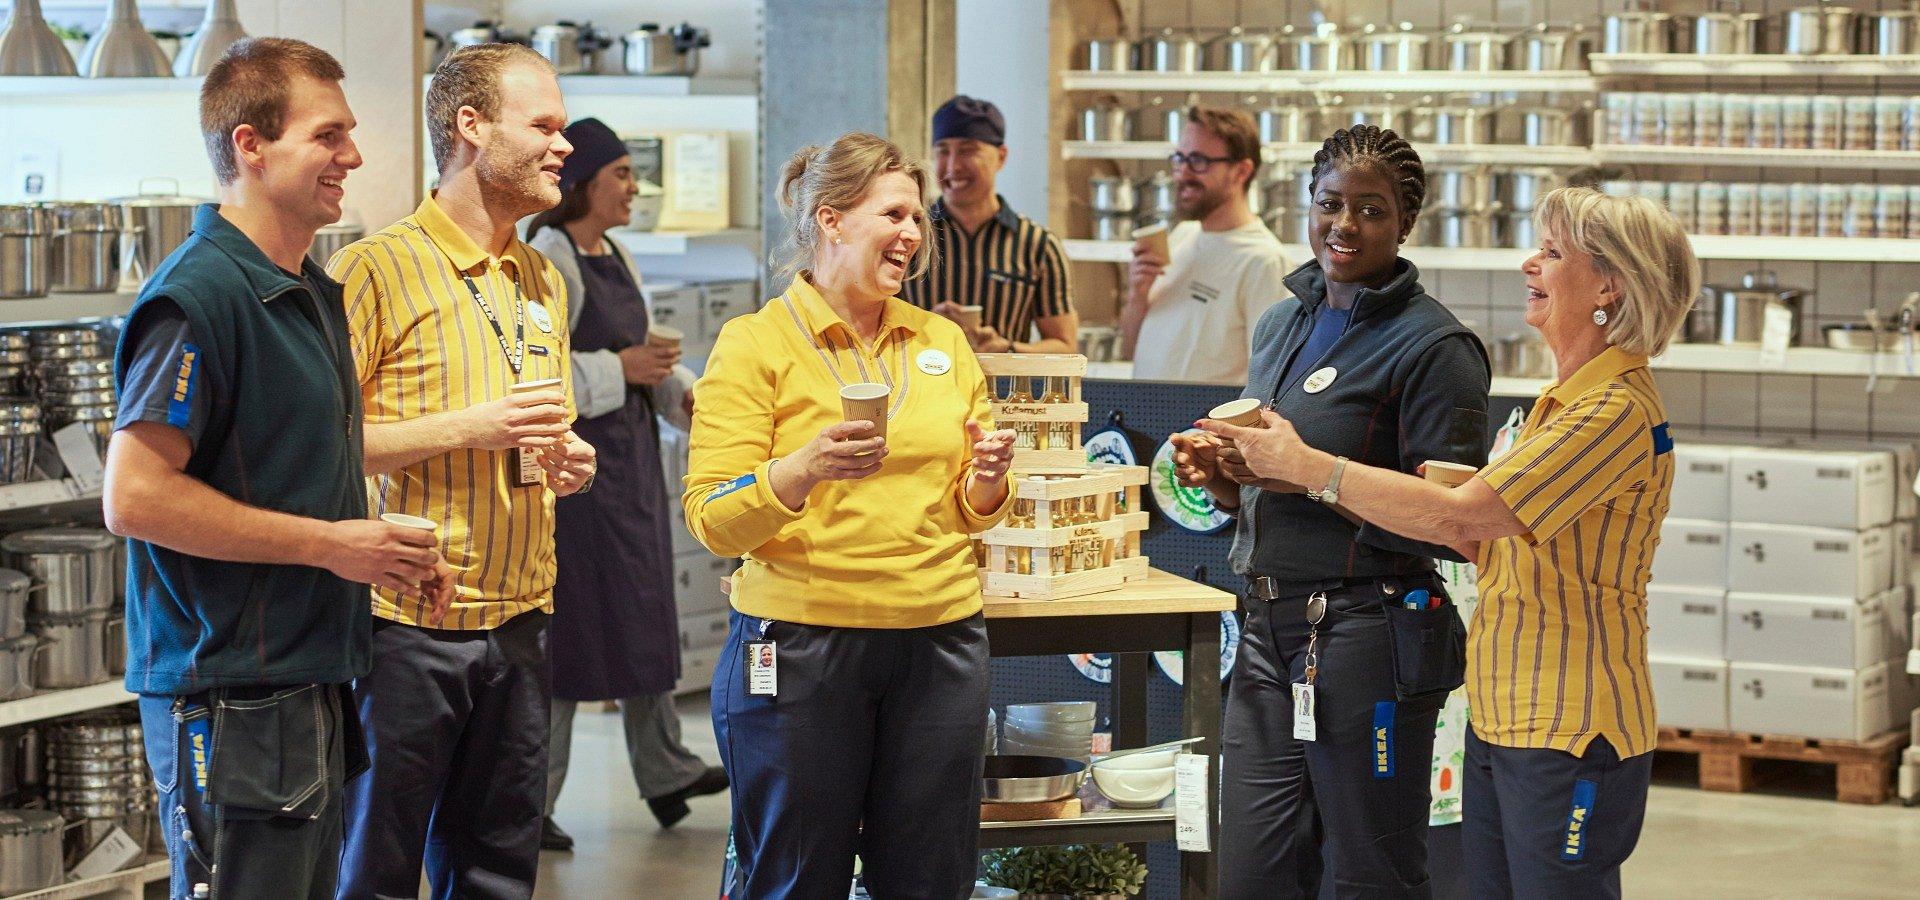 Różni.Równi – IKEA na rzecz równości w biznesie